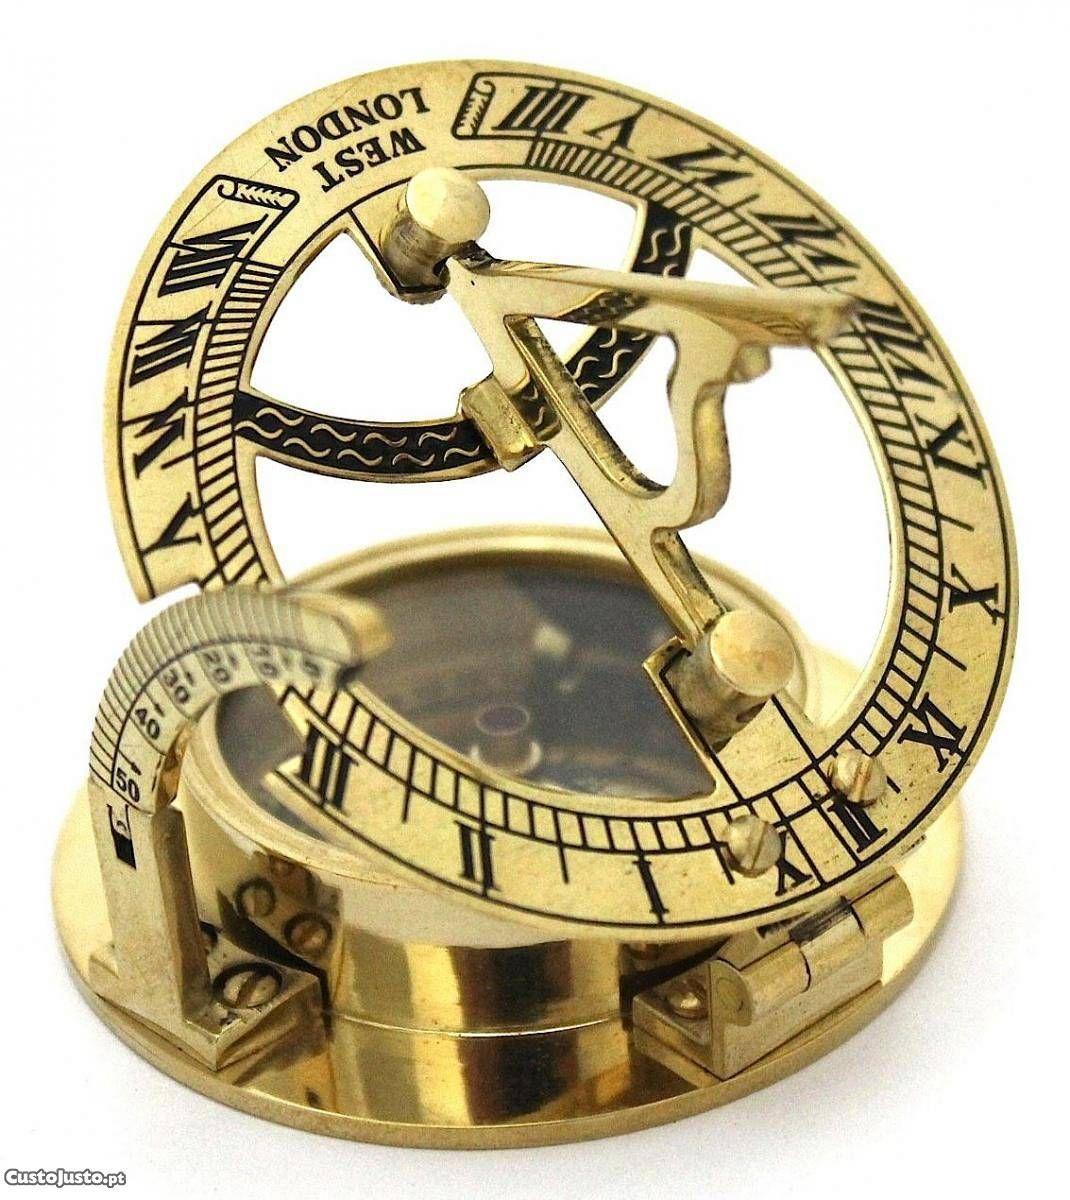 b51a75be0a6 Bussola e Relógio Solar em Bronze de Bolso - à venda - Antiguidades e  Colecções